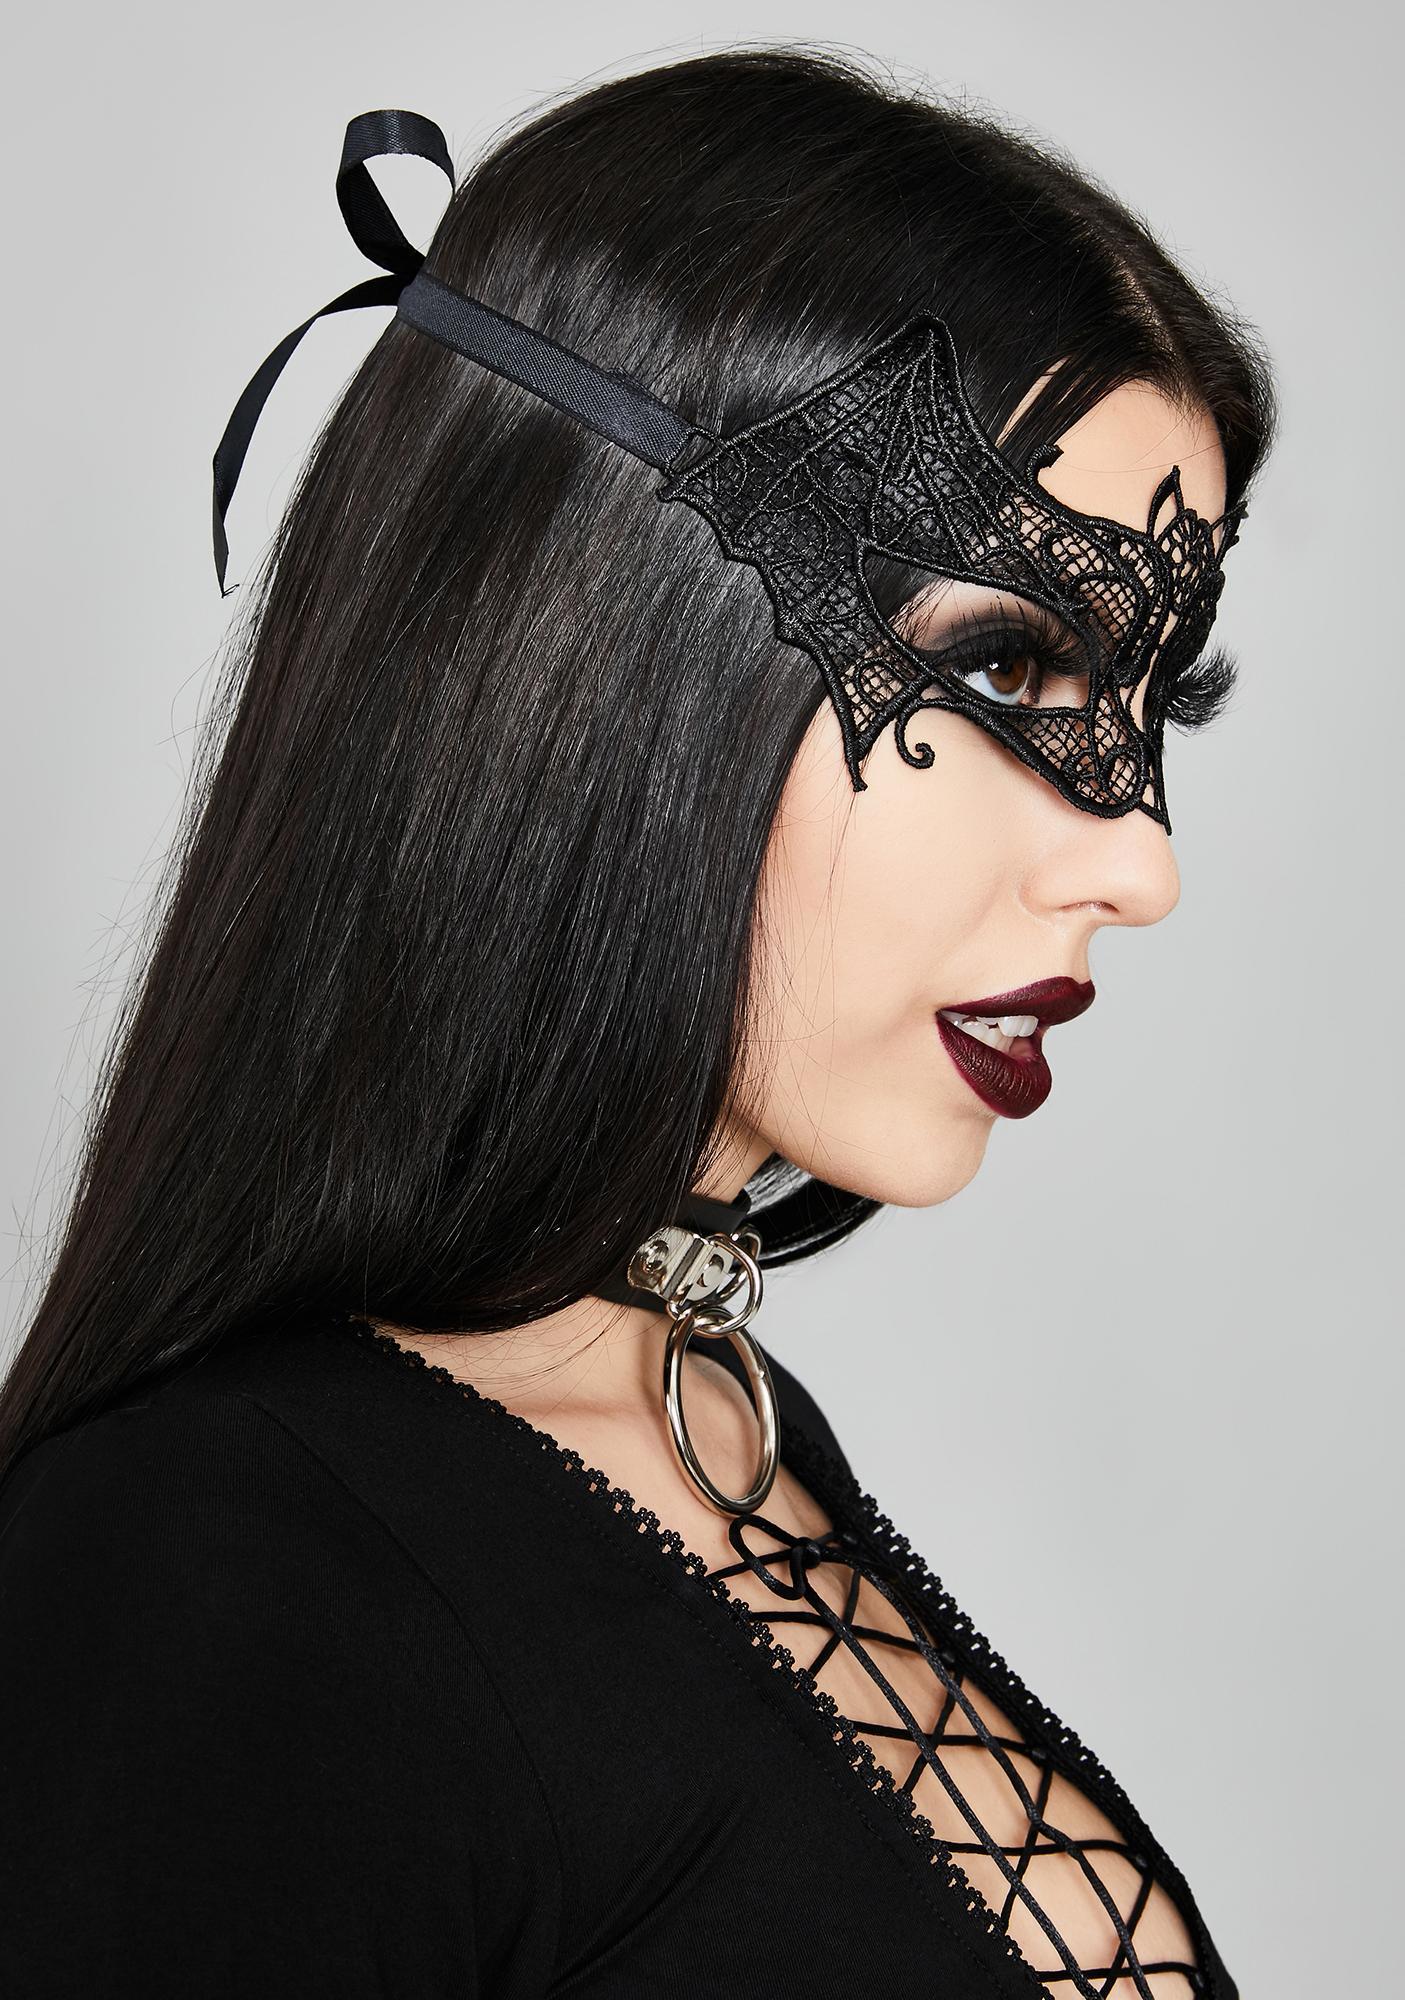 Night Sight Bat Mask